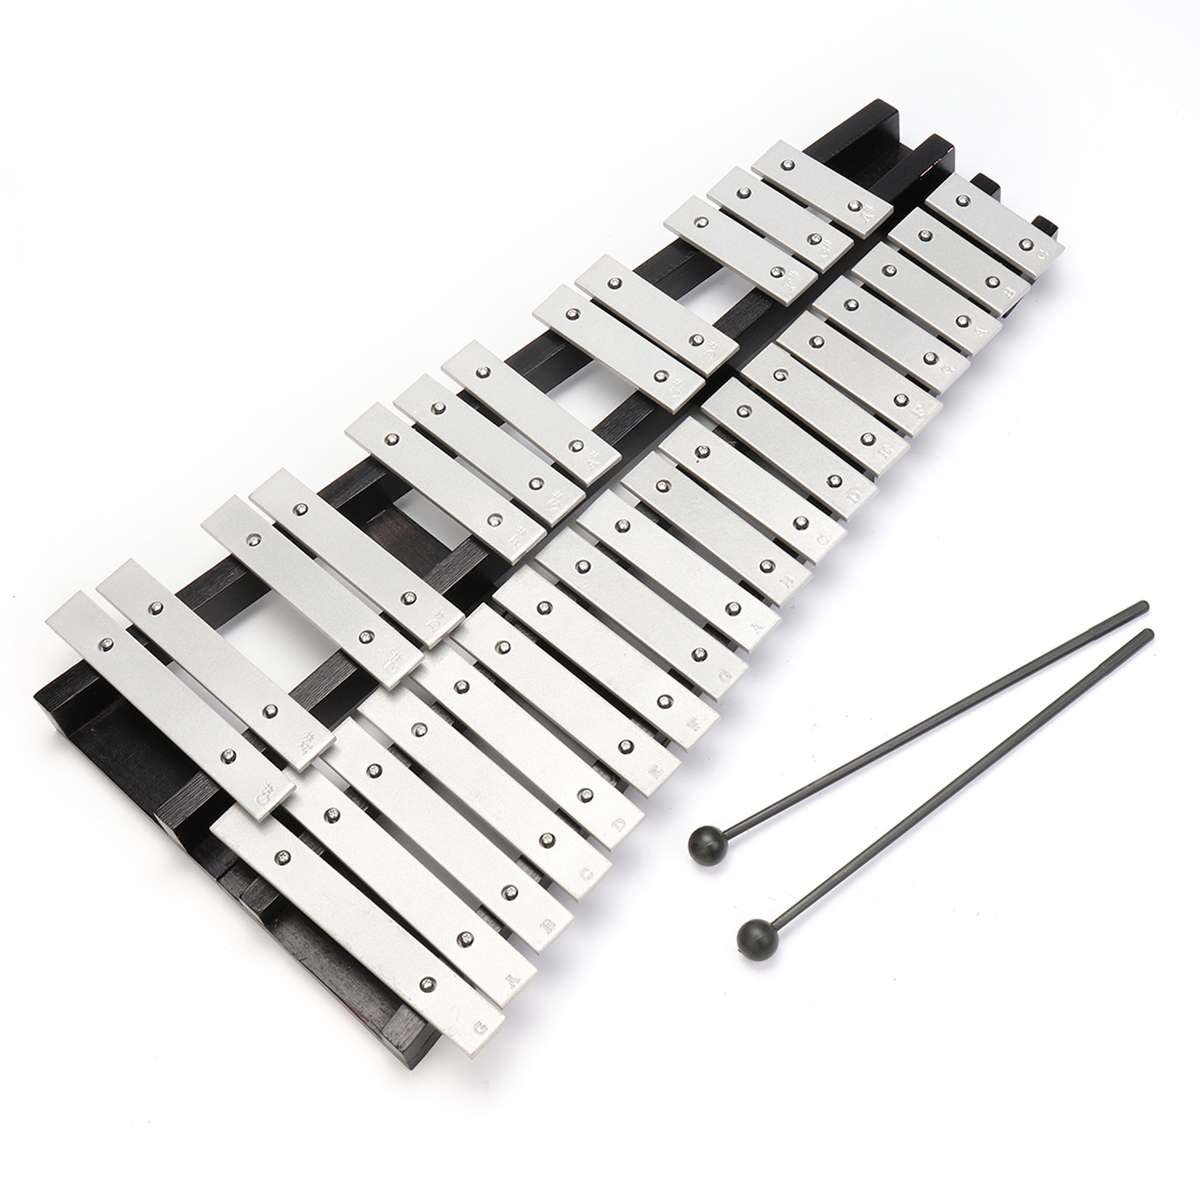 Складные 30 нот ксилофон ударные Glockenspiel вибрафон Ударные музыкальные инструменты с сумкой для хранения музыкальный ксилофон